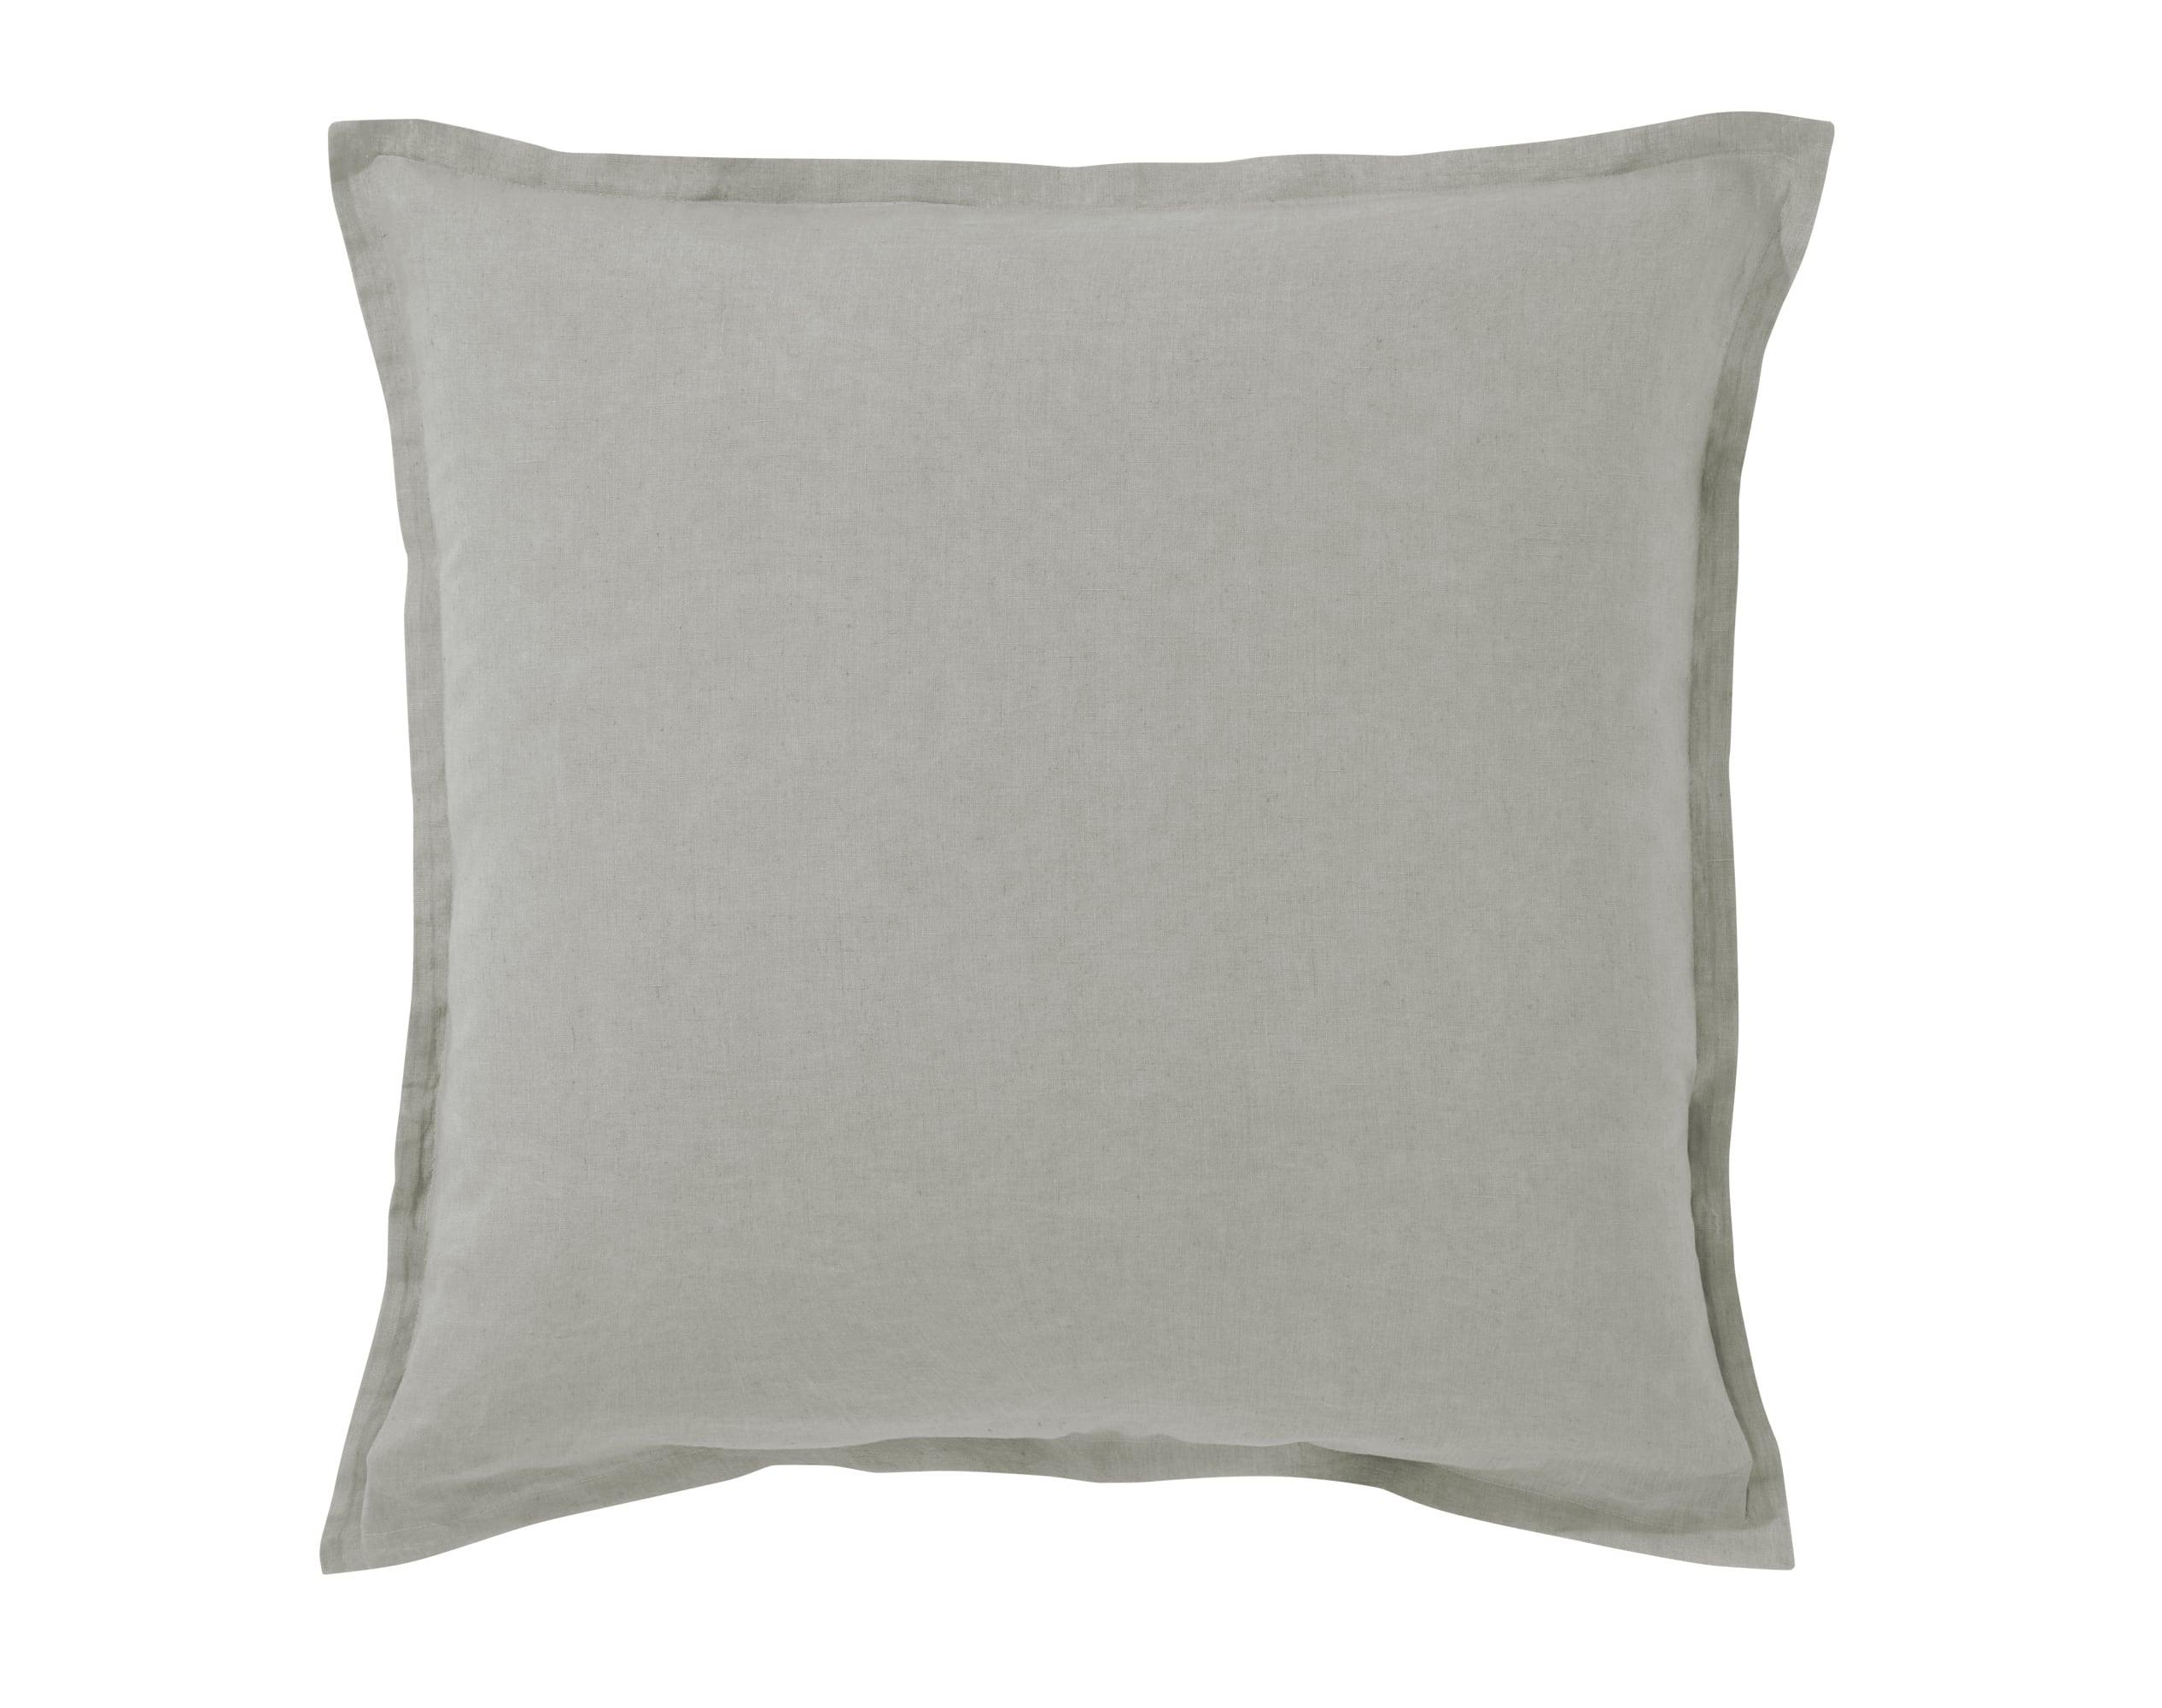 Taie d'oreiller 50x70 en lin lavé gris carbone